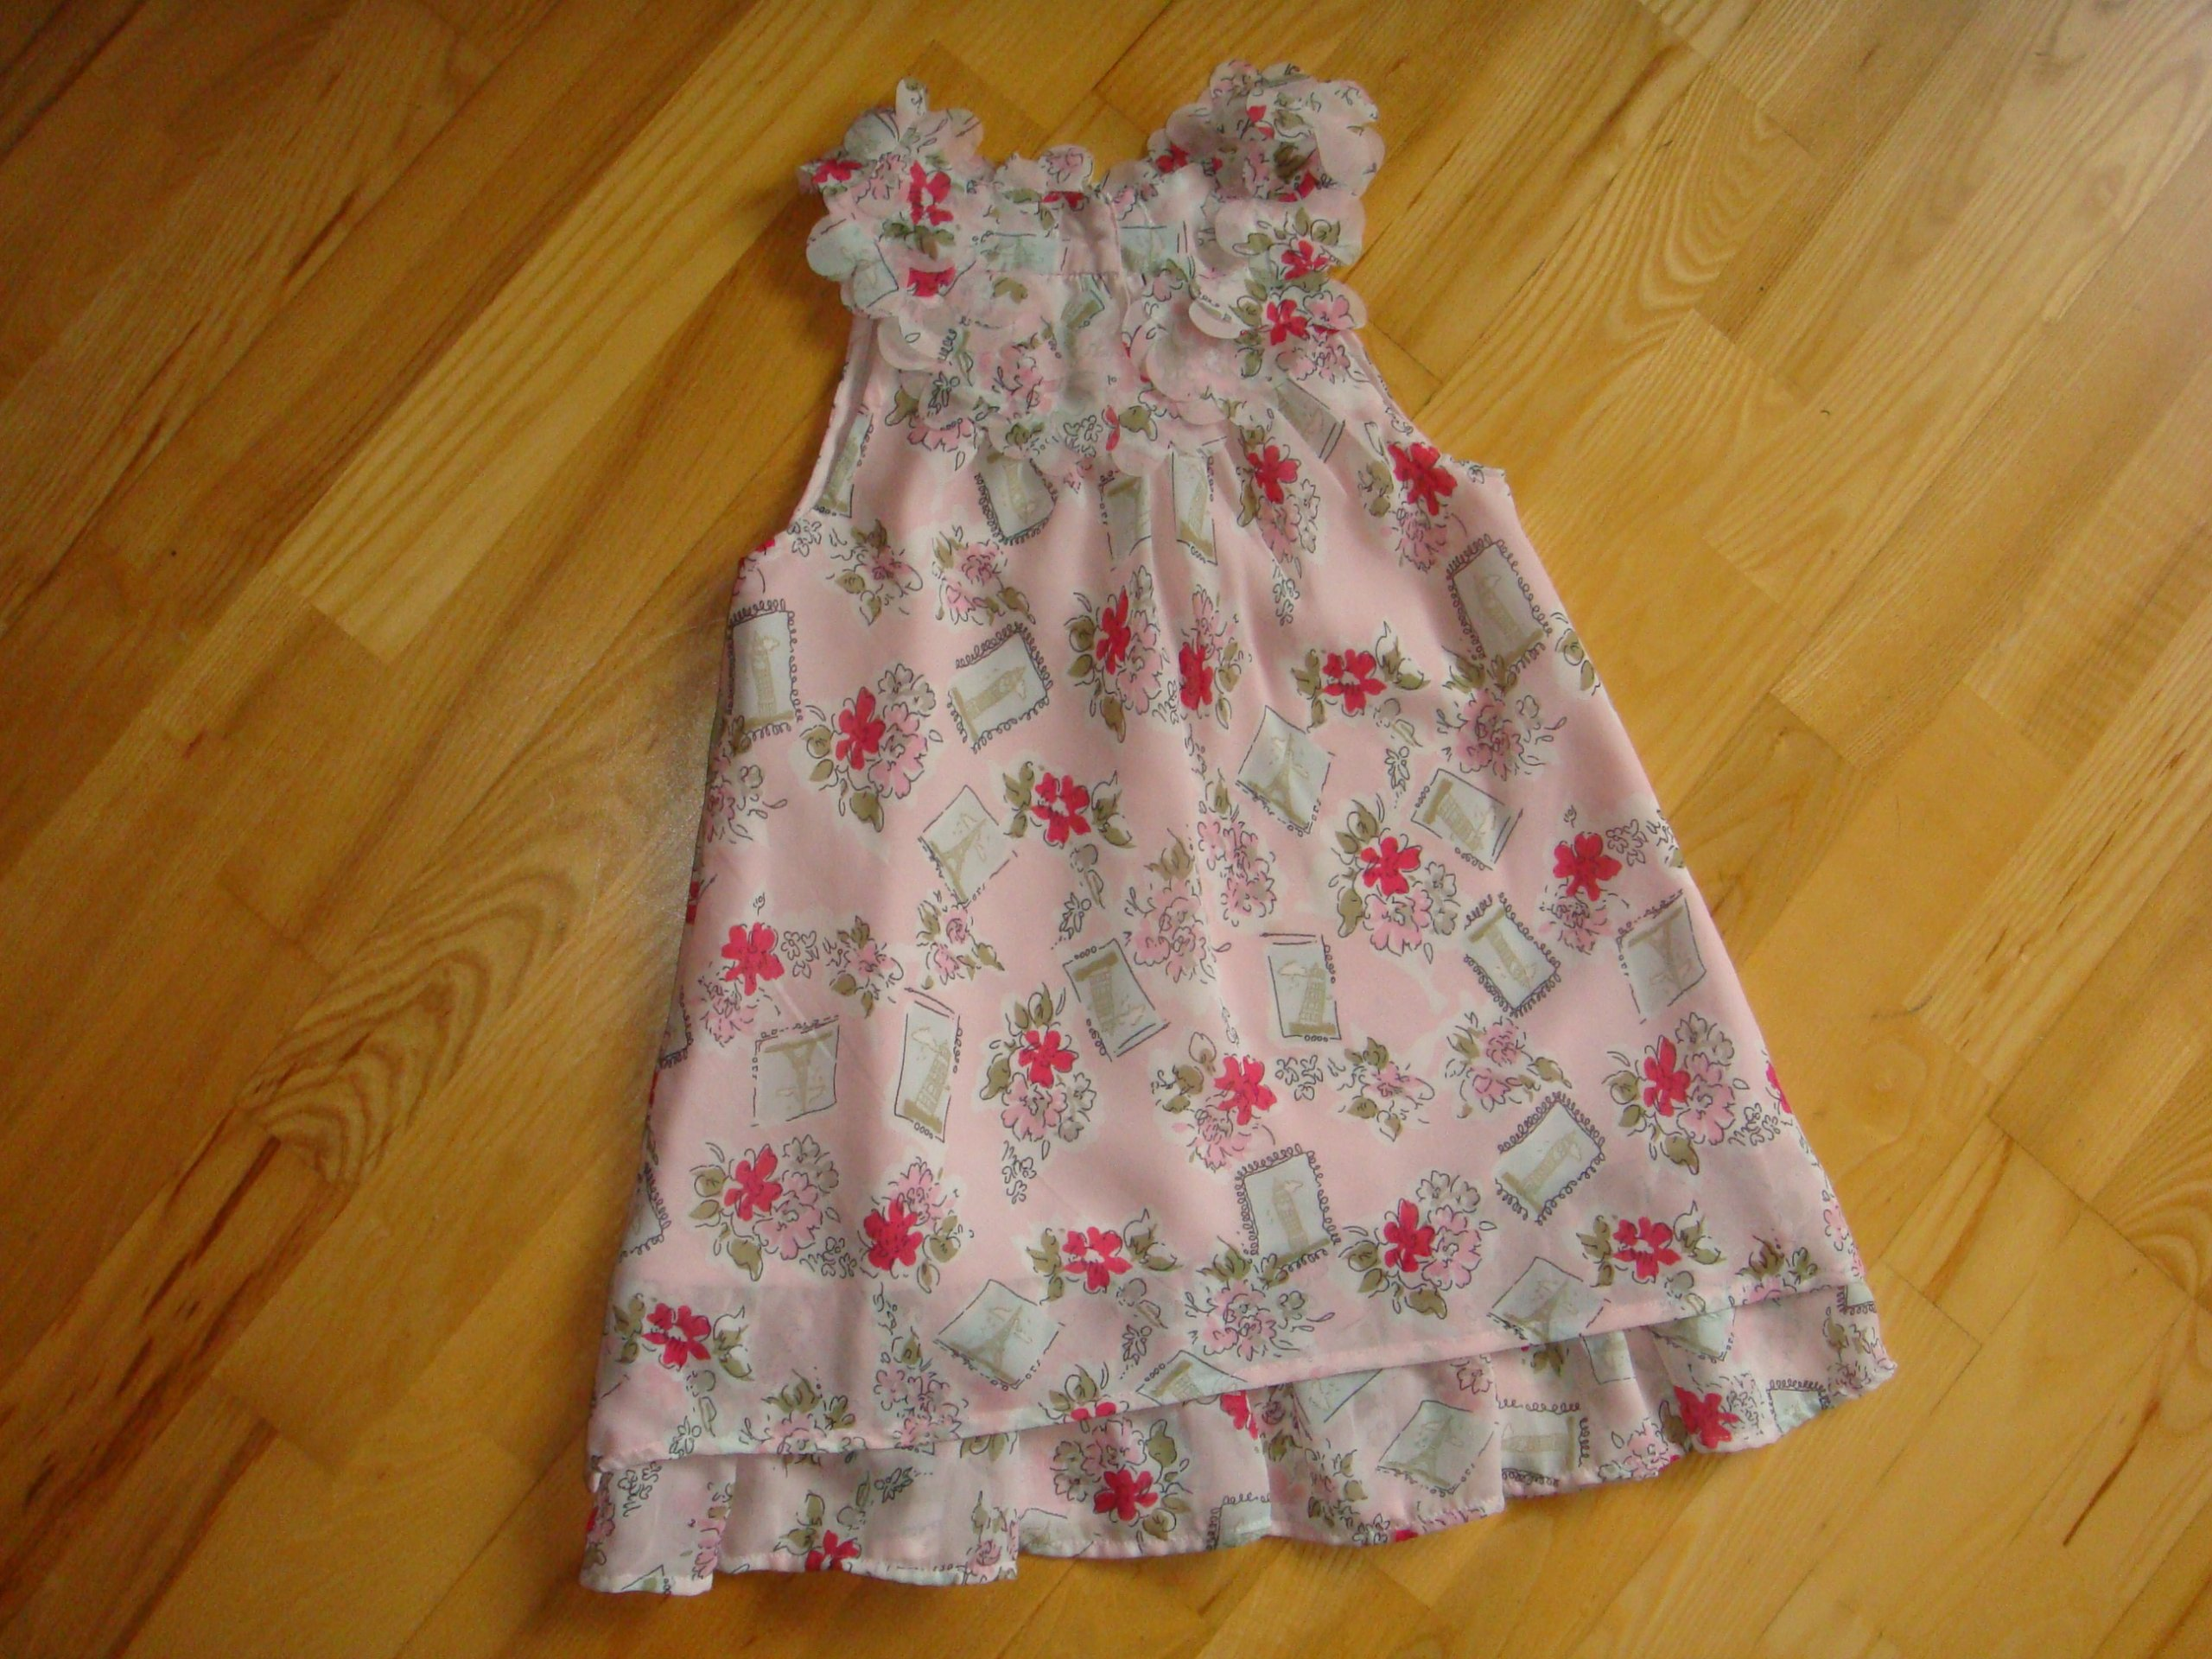 24919dac0d7cd1 TU Wizytowa Tiulowa Sukienka Warstwy 7 lat - 7330966541 - oficjalne ...